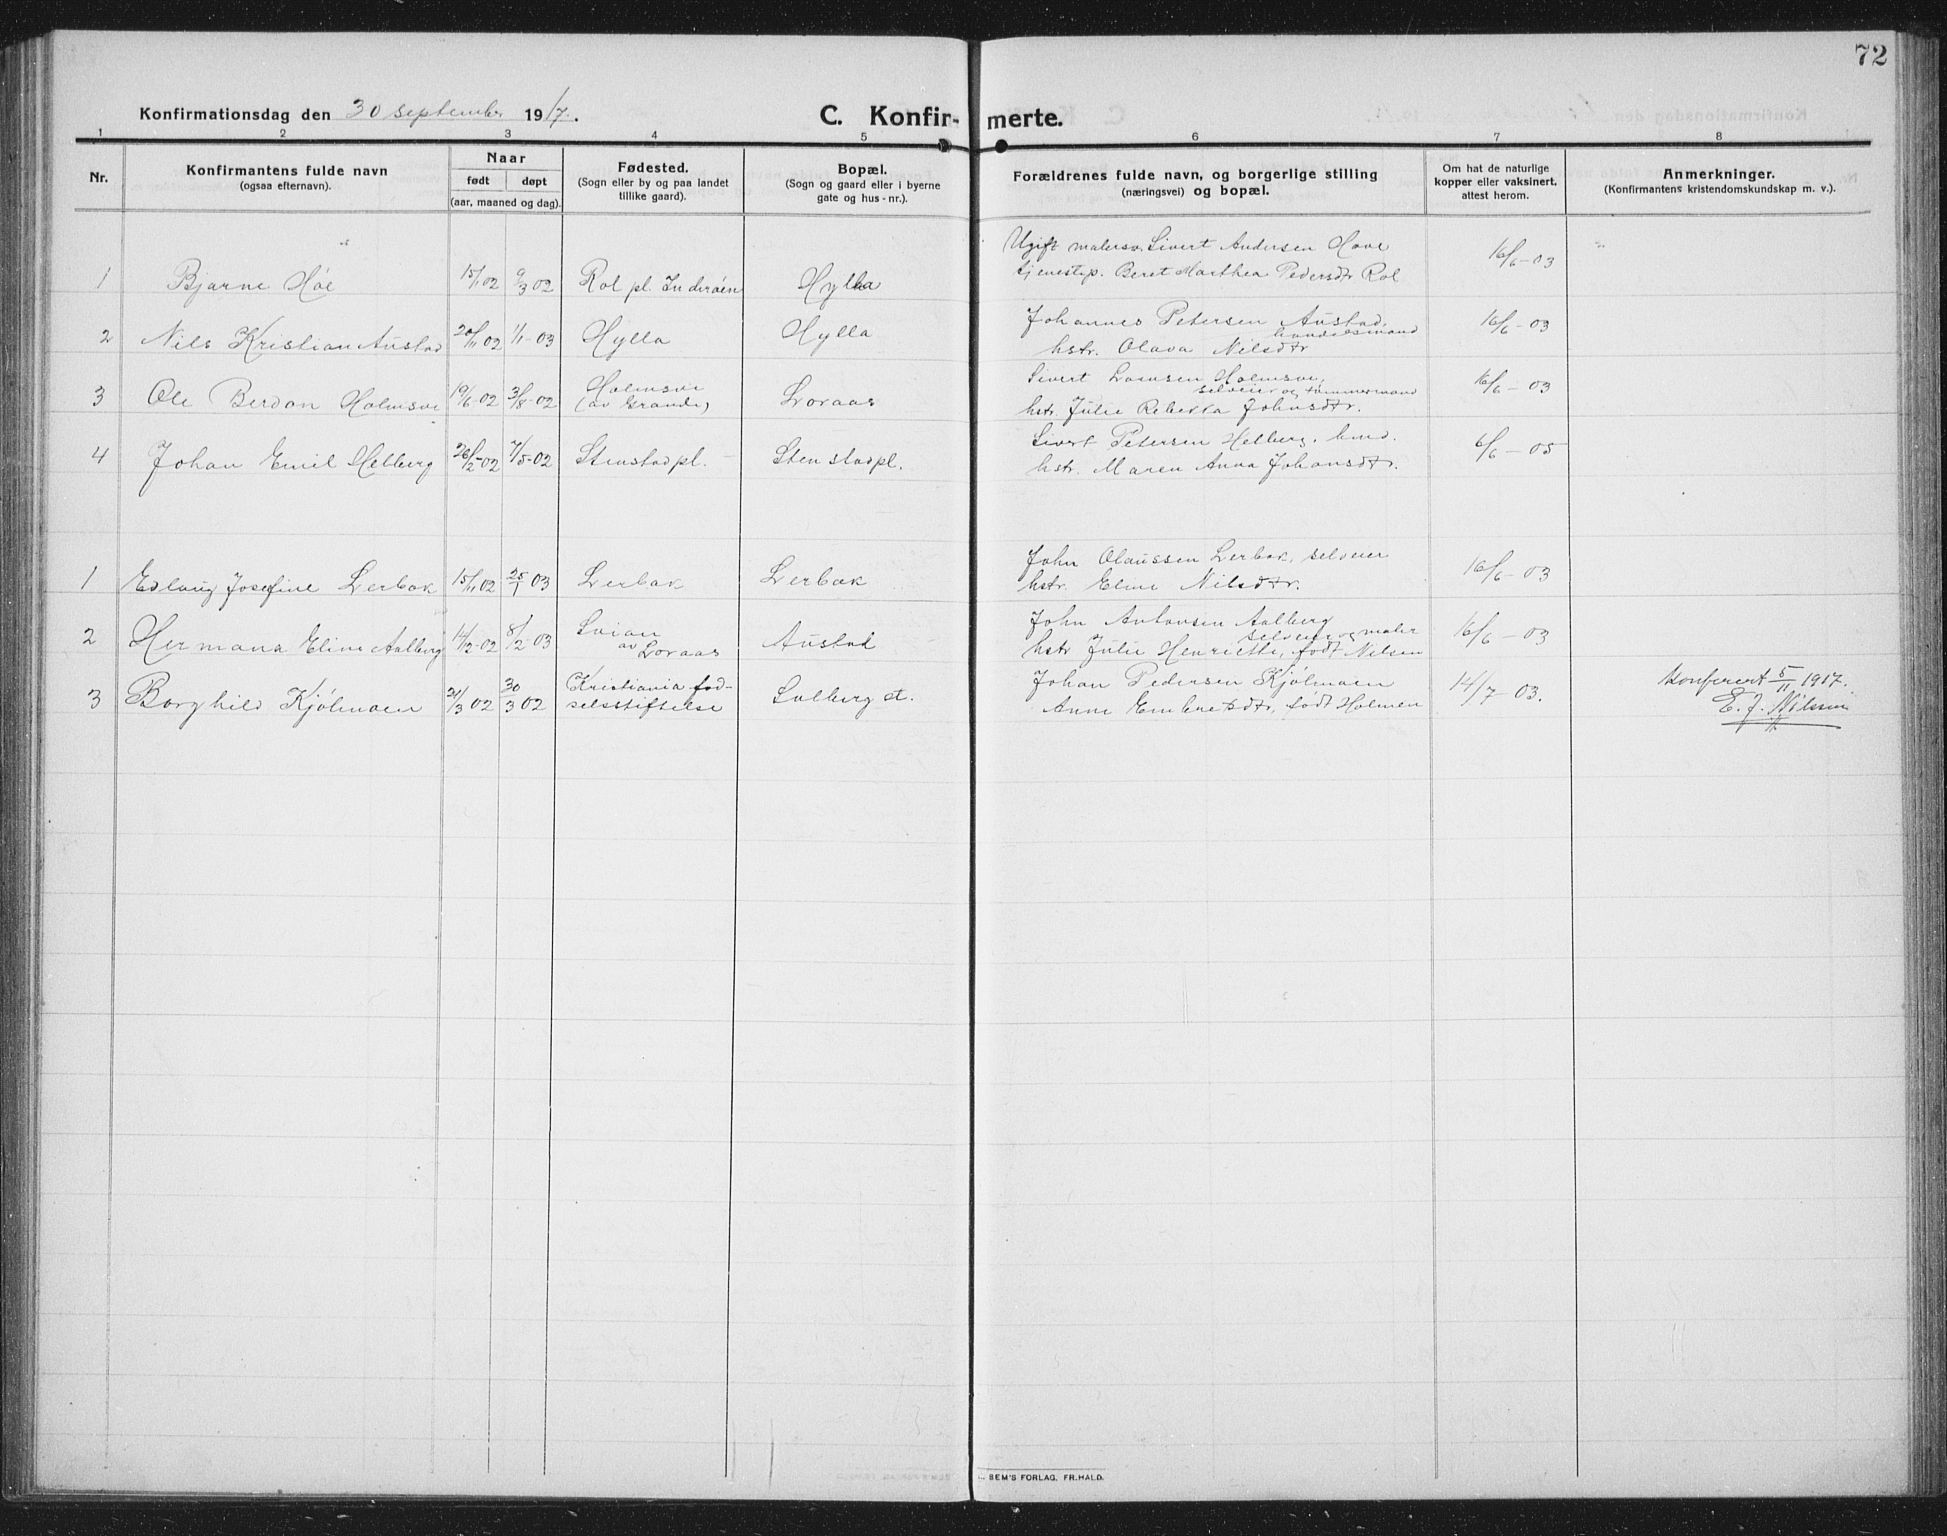 SAT, Ministerialprotokoller, klokkerbøker og fødselsregistre - Nord-Trøndelag, 731/L0312: Klokkerbok nr. 731C03, 1911-1935, s. 72